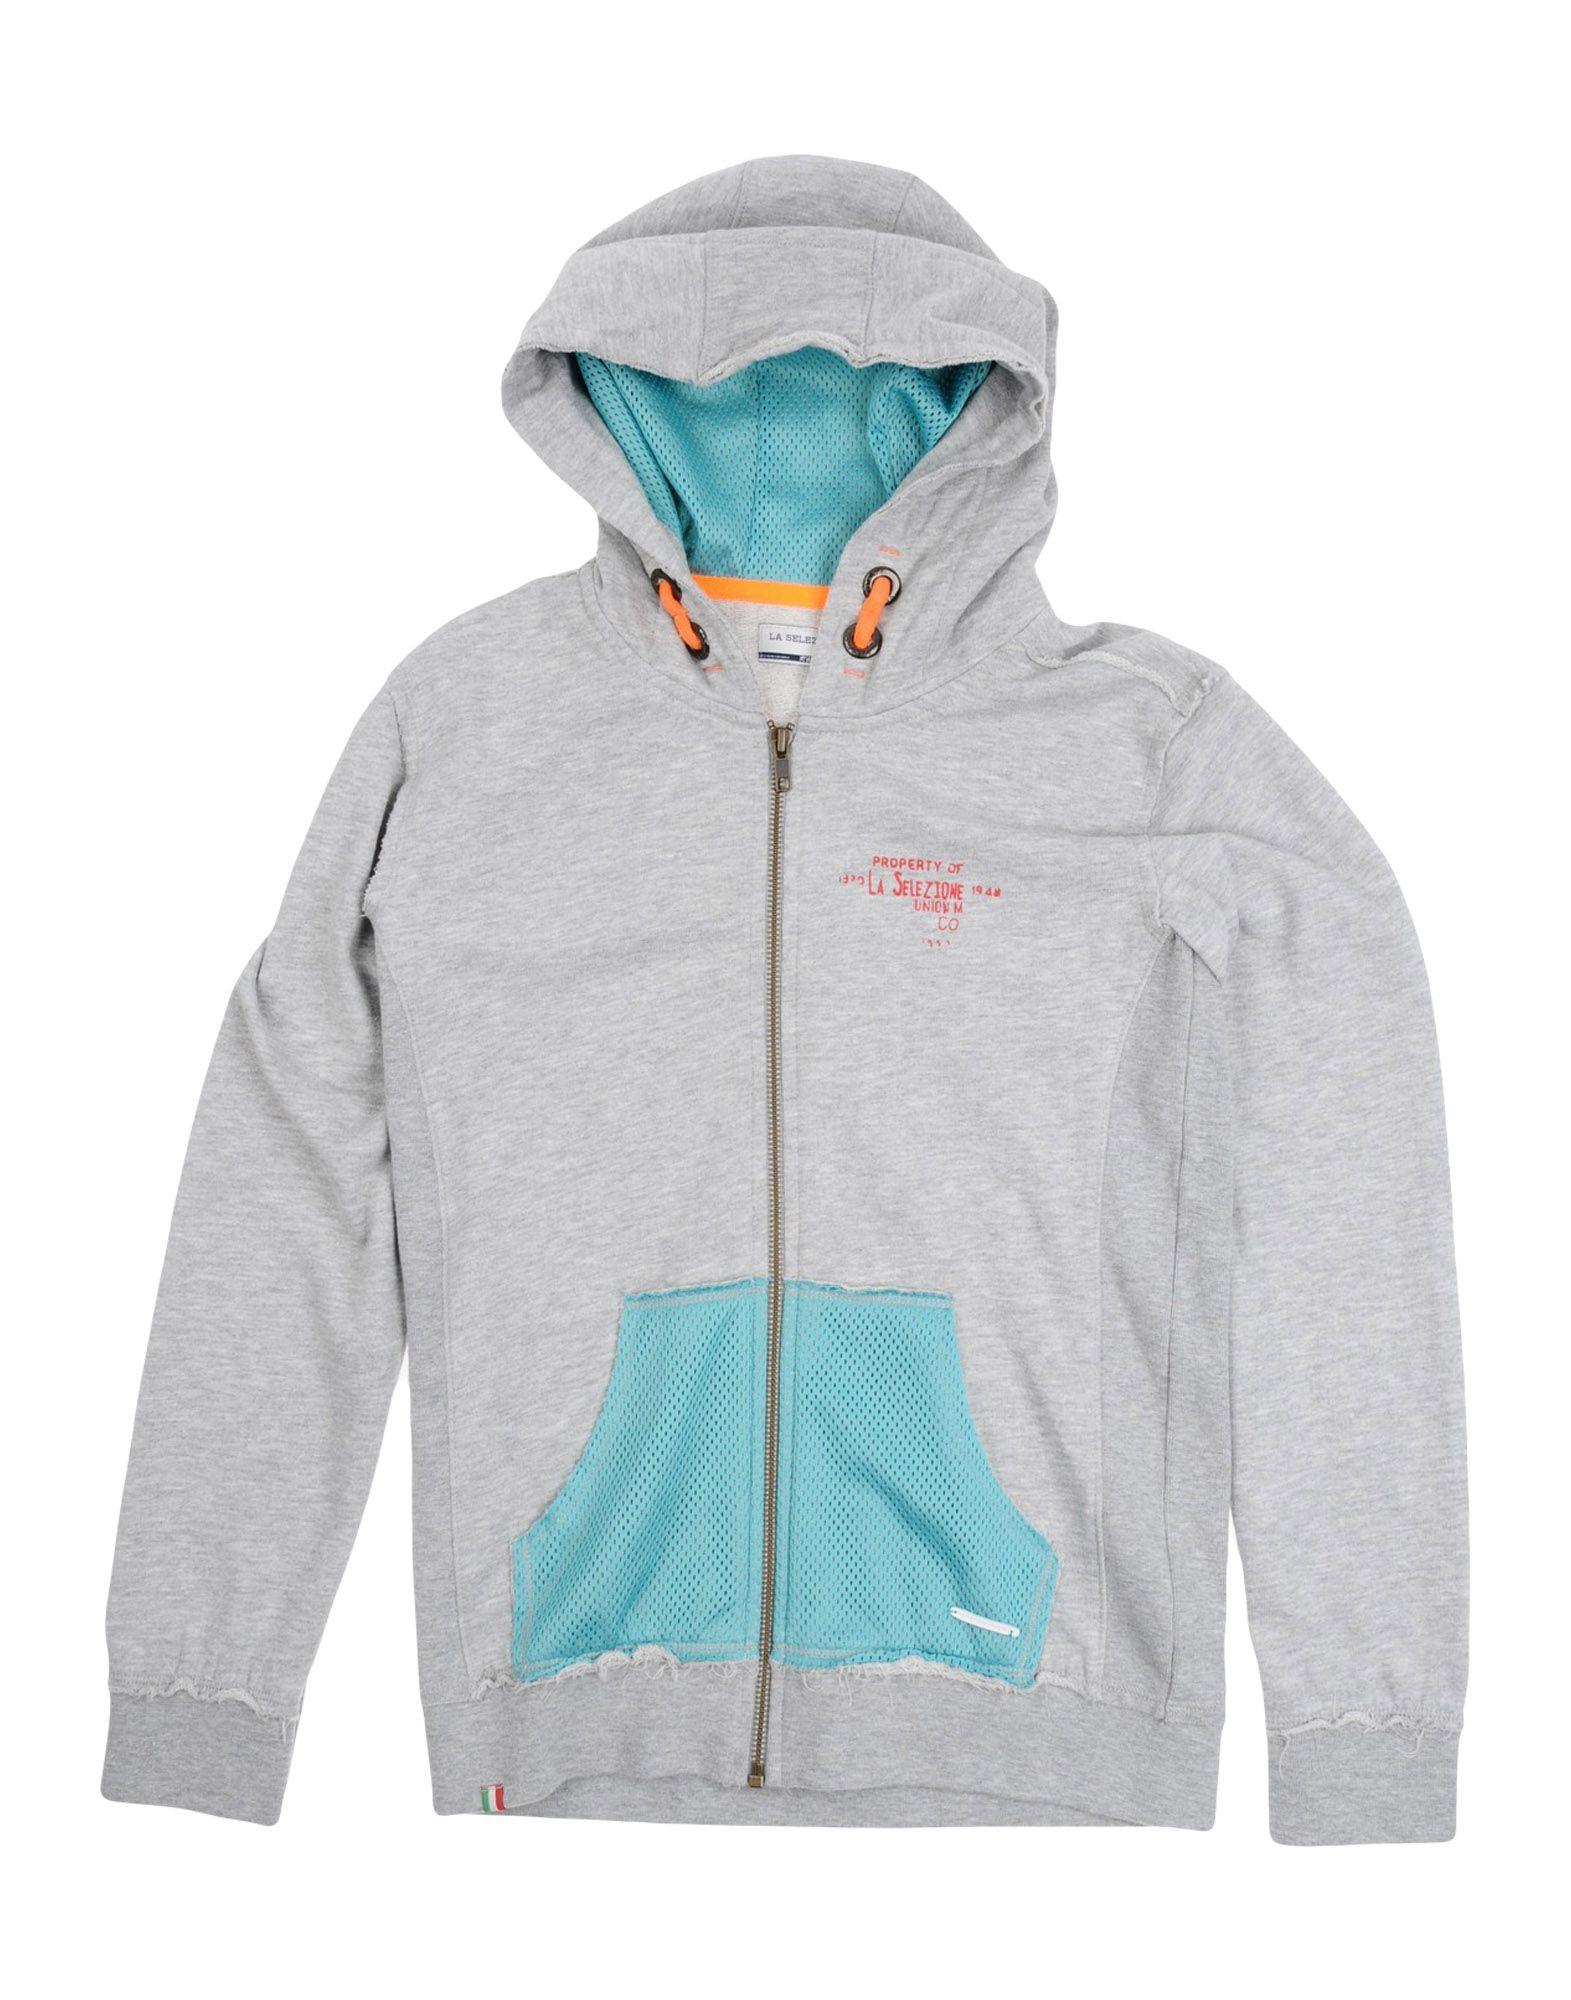 LA SELEZIONE DI GINO Jungen 9-16 jahre Sweatshirt4 grau